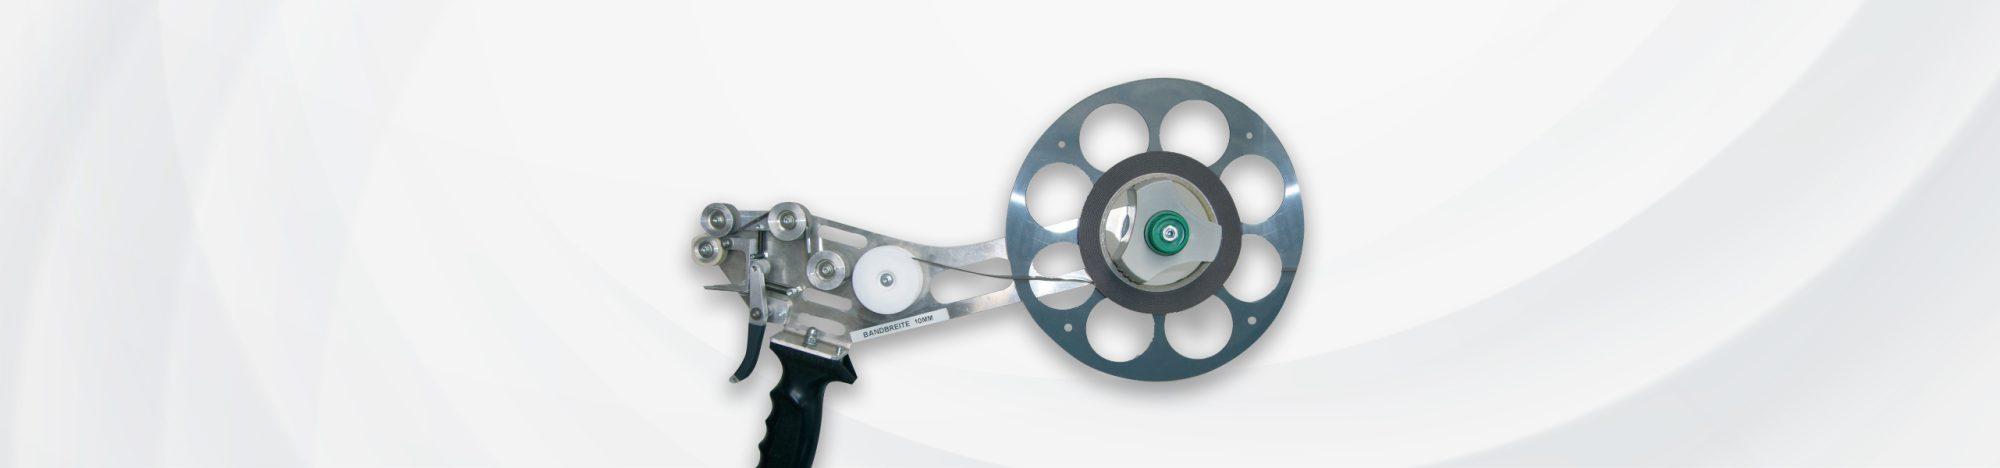 Fustier es distribuidor de equipos de automatización para procesos de aplicación de productos adhesivos